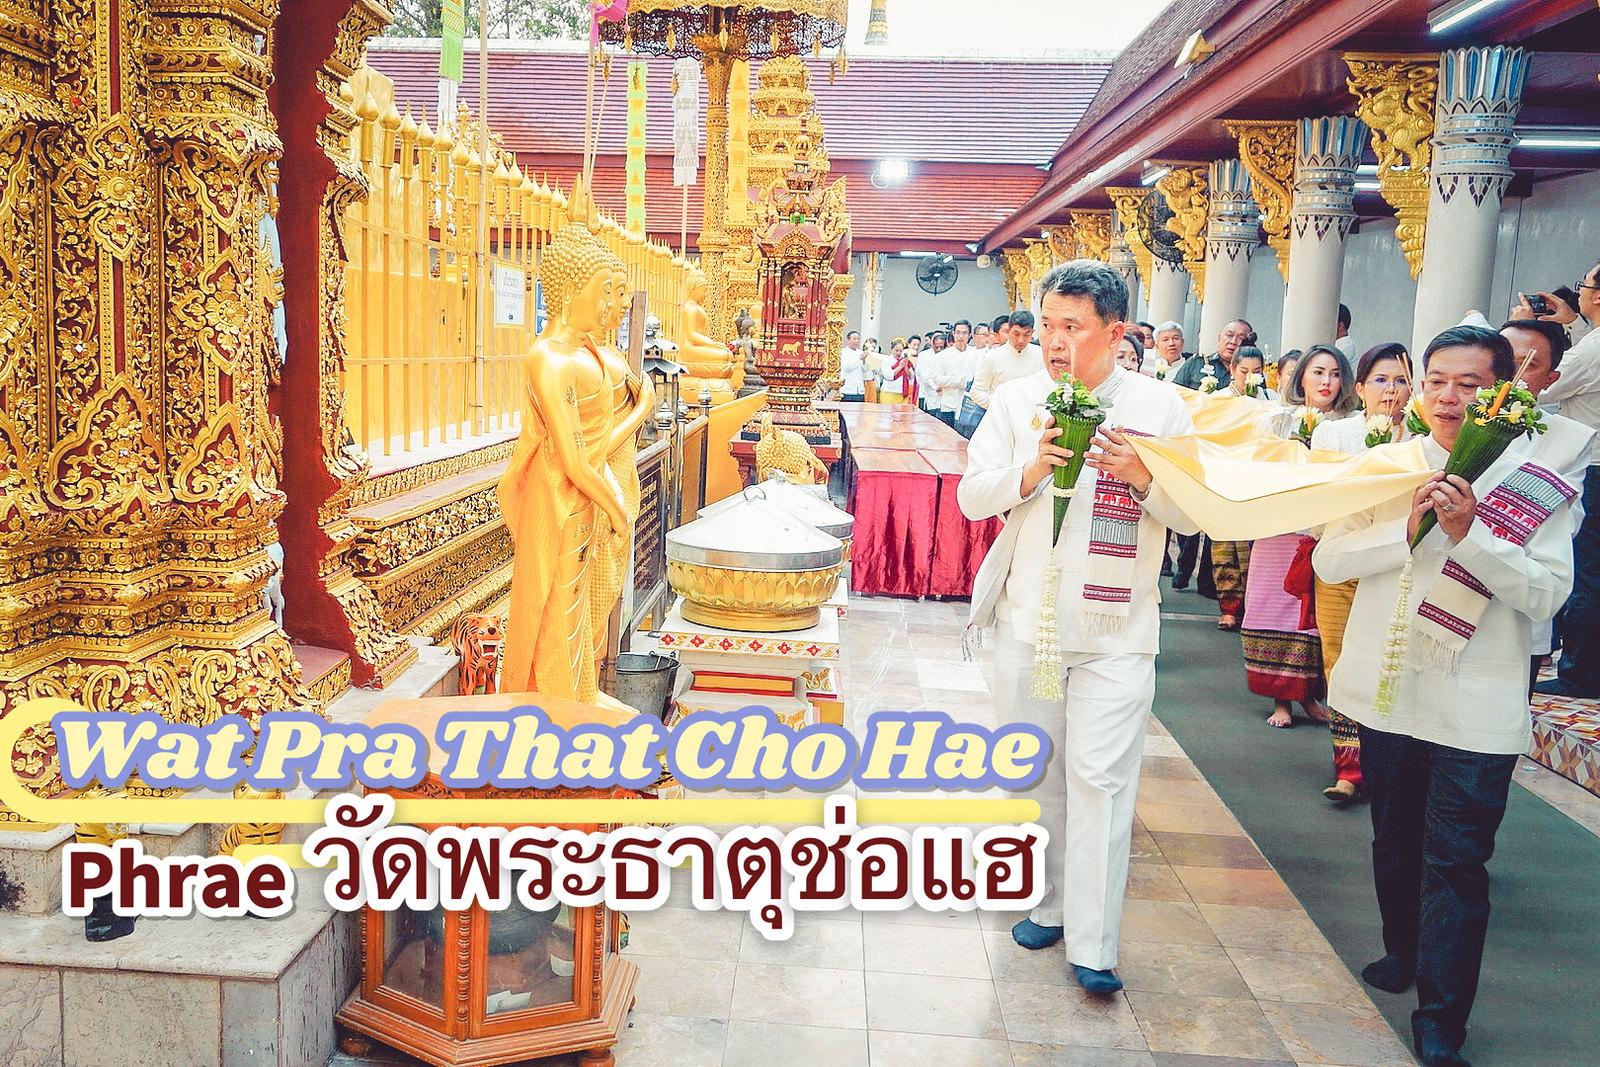 帕府.生肖虎年佛寺「วัดพระธาตุช่อแฮ Wat Pra That Cho Hae 楚夏寺」